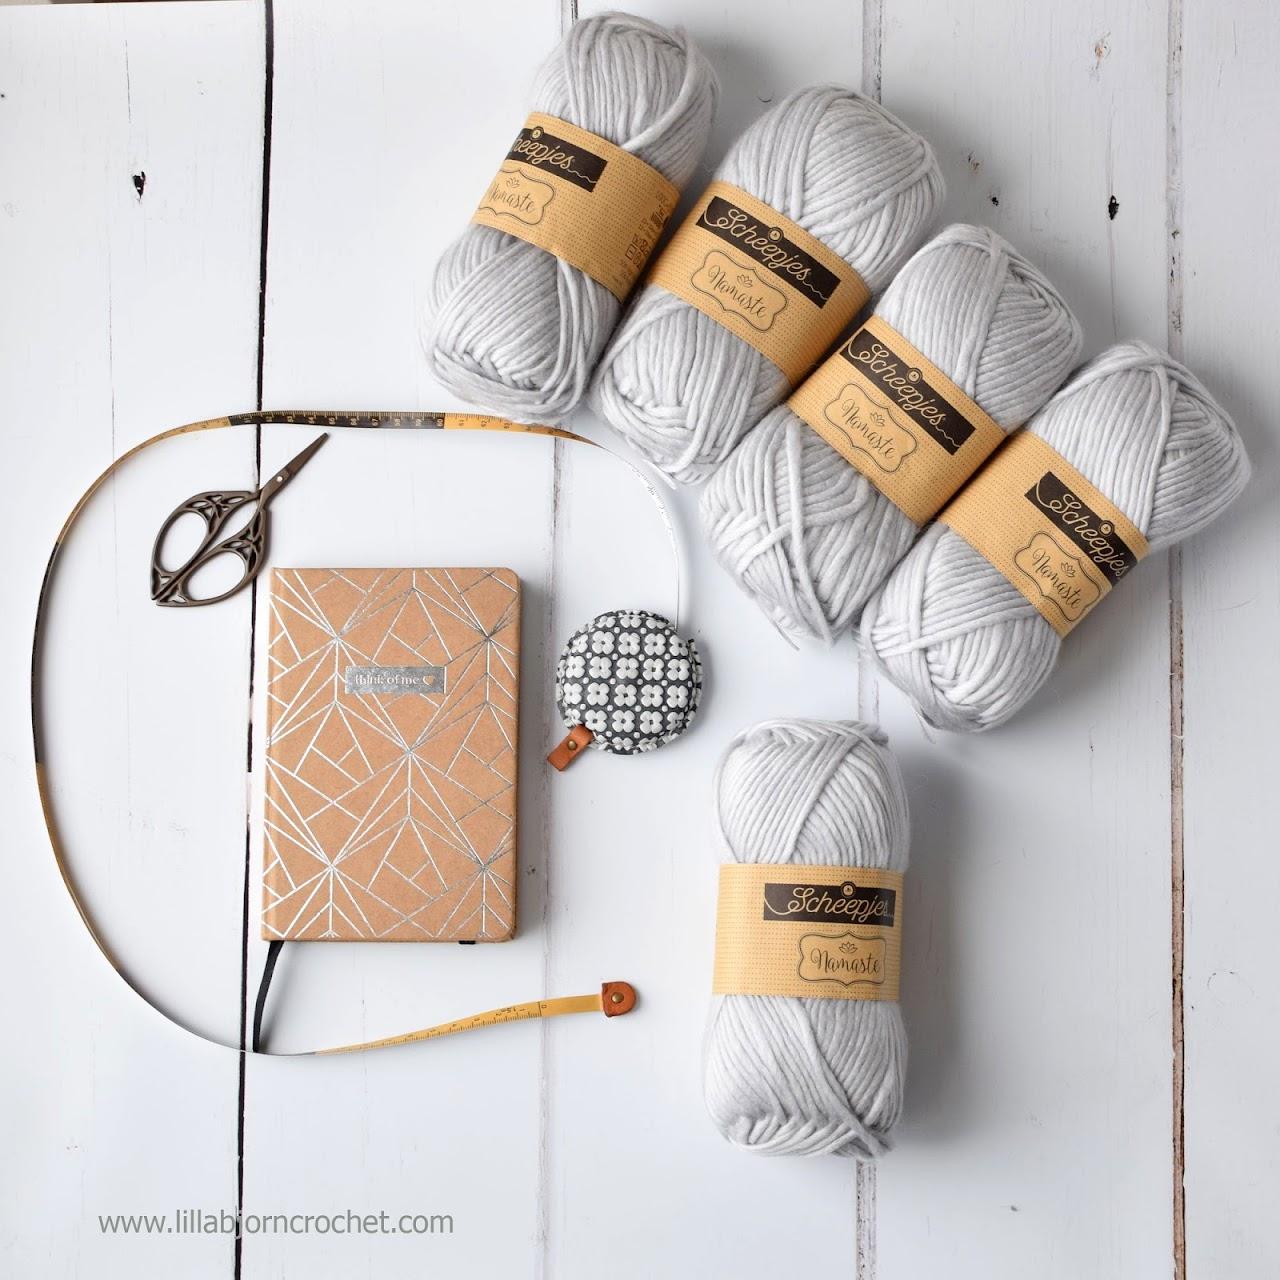 Namaste yarn by Scheepjes